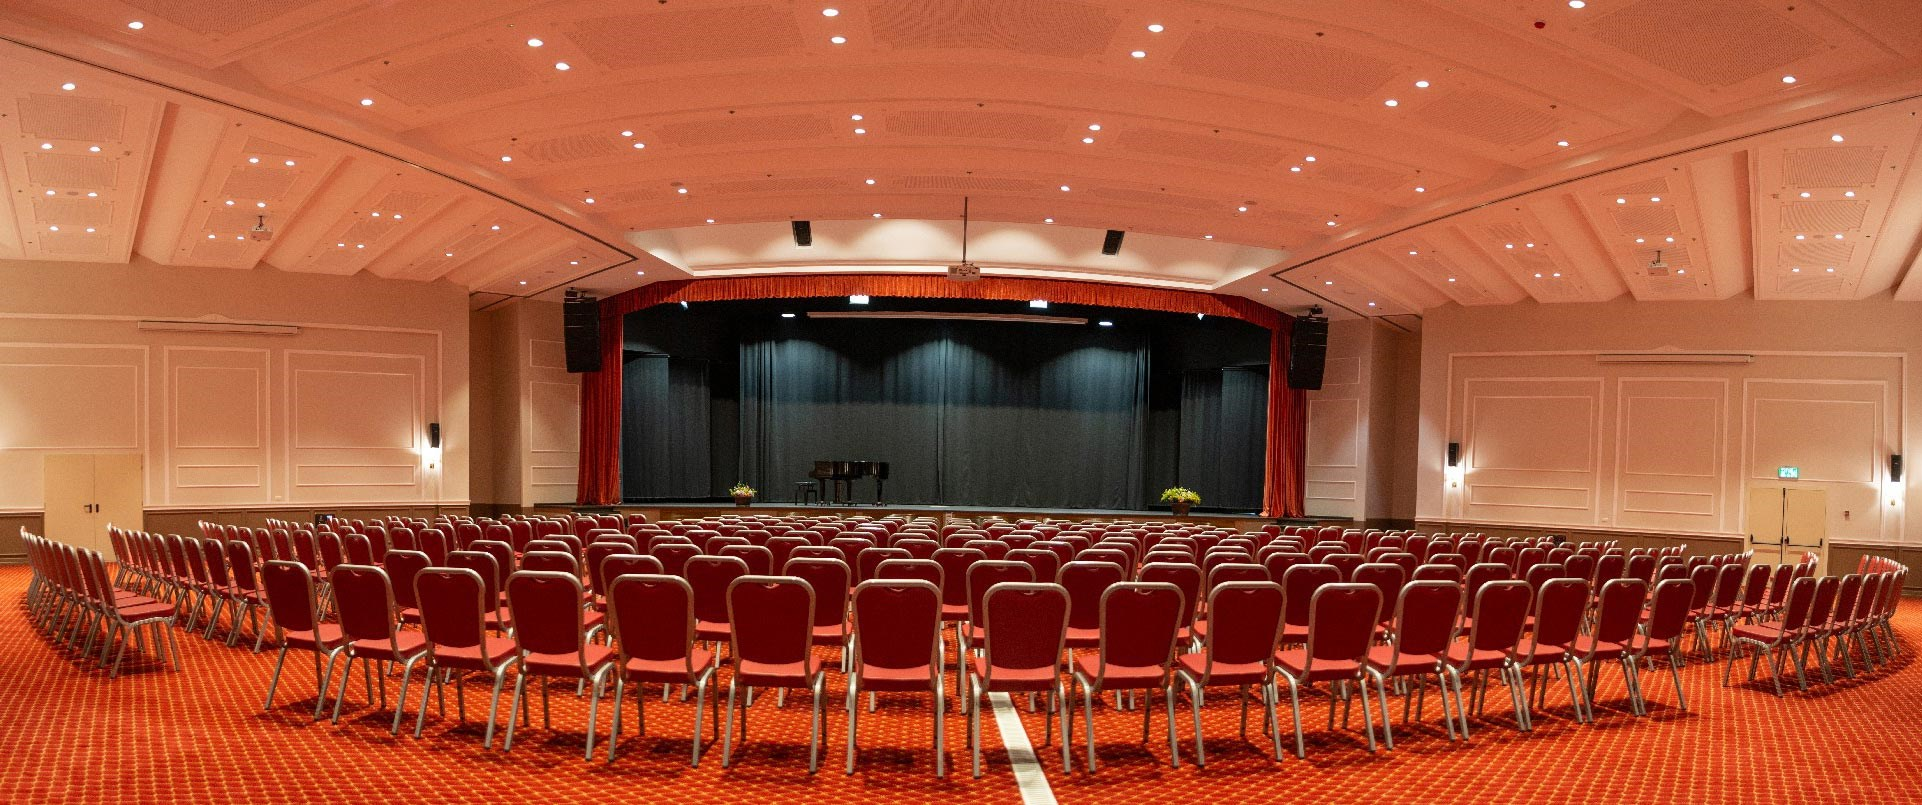 מלון פסטורל כפר בלום - אולם האופרה